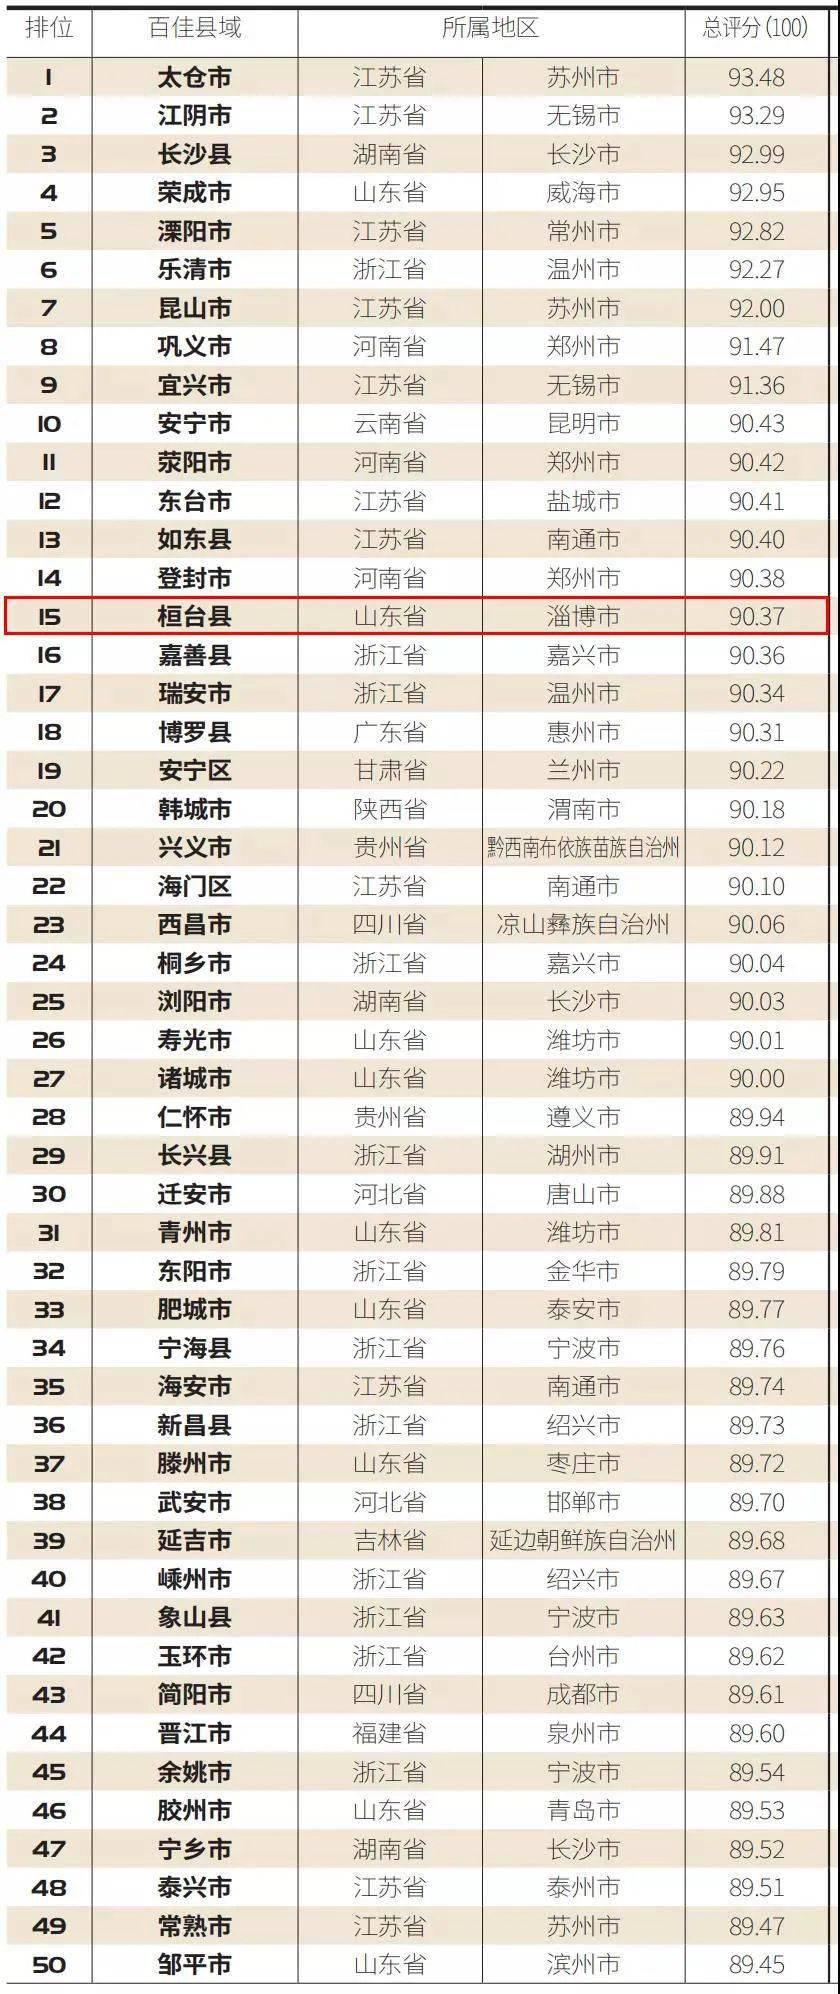 芜湖市各区县2020年-季度gdp_2020年一季度三明各区县市GDP最新数据,永安市总量第一,人均第三